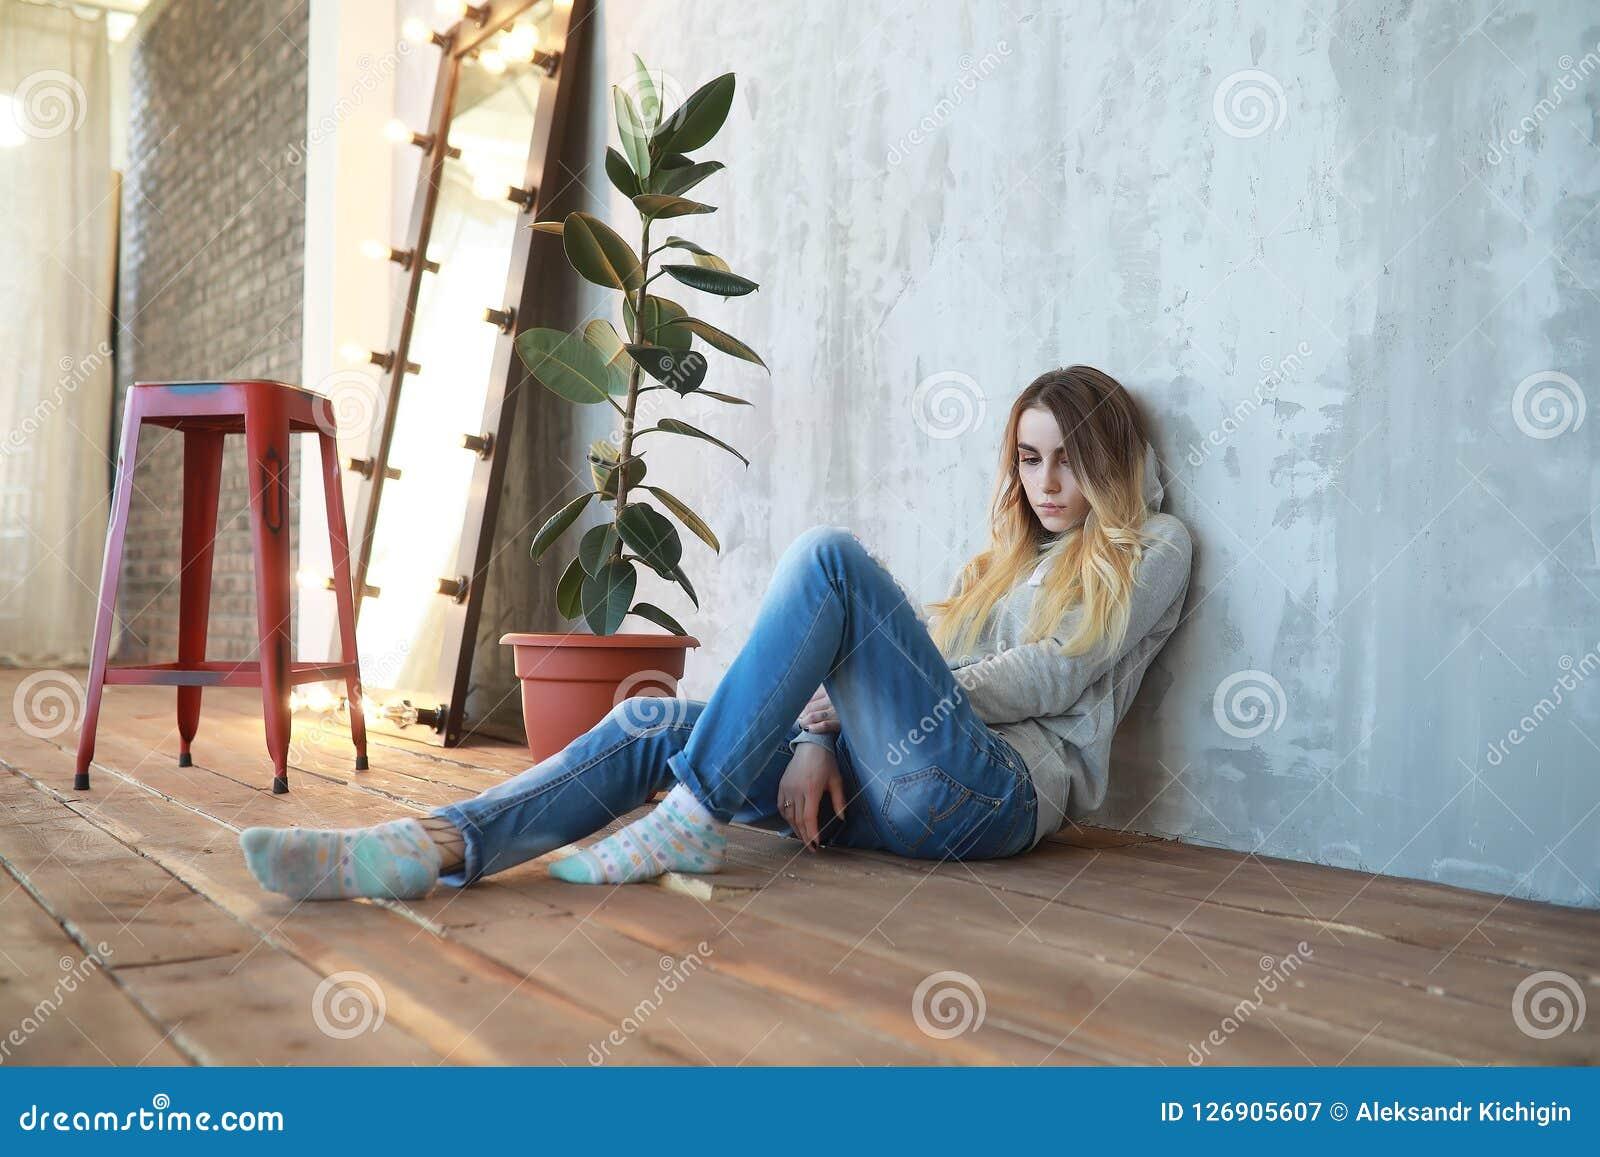 Een jong meisje rust in een comfortabele ruimte